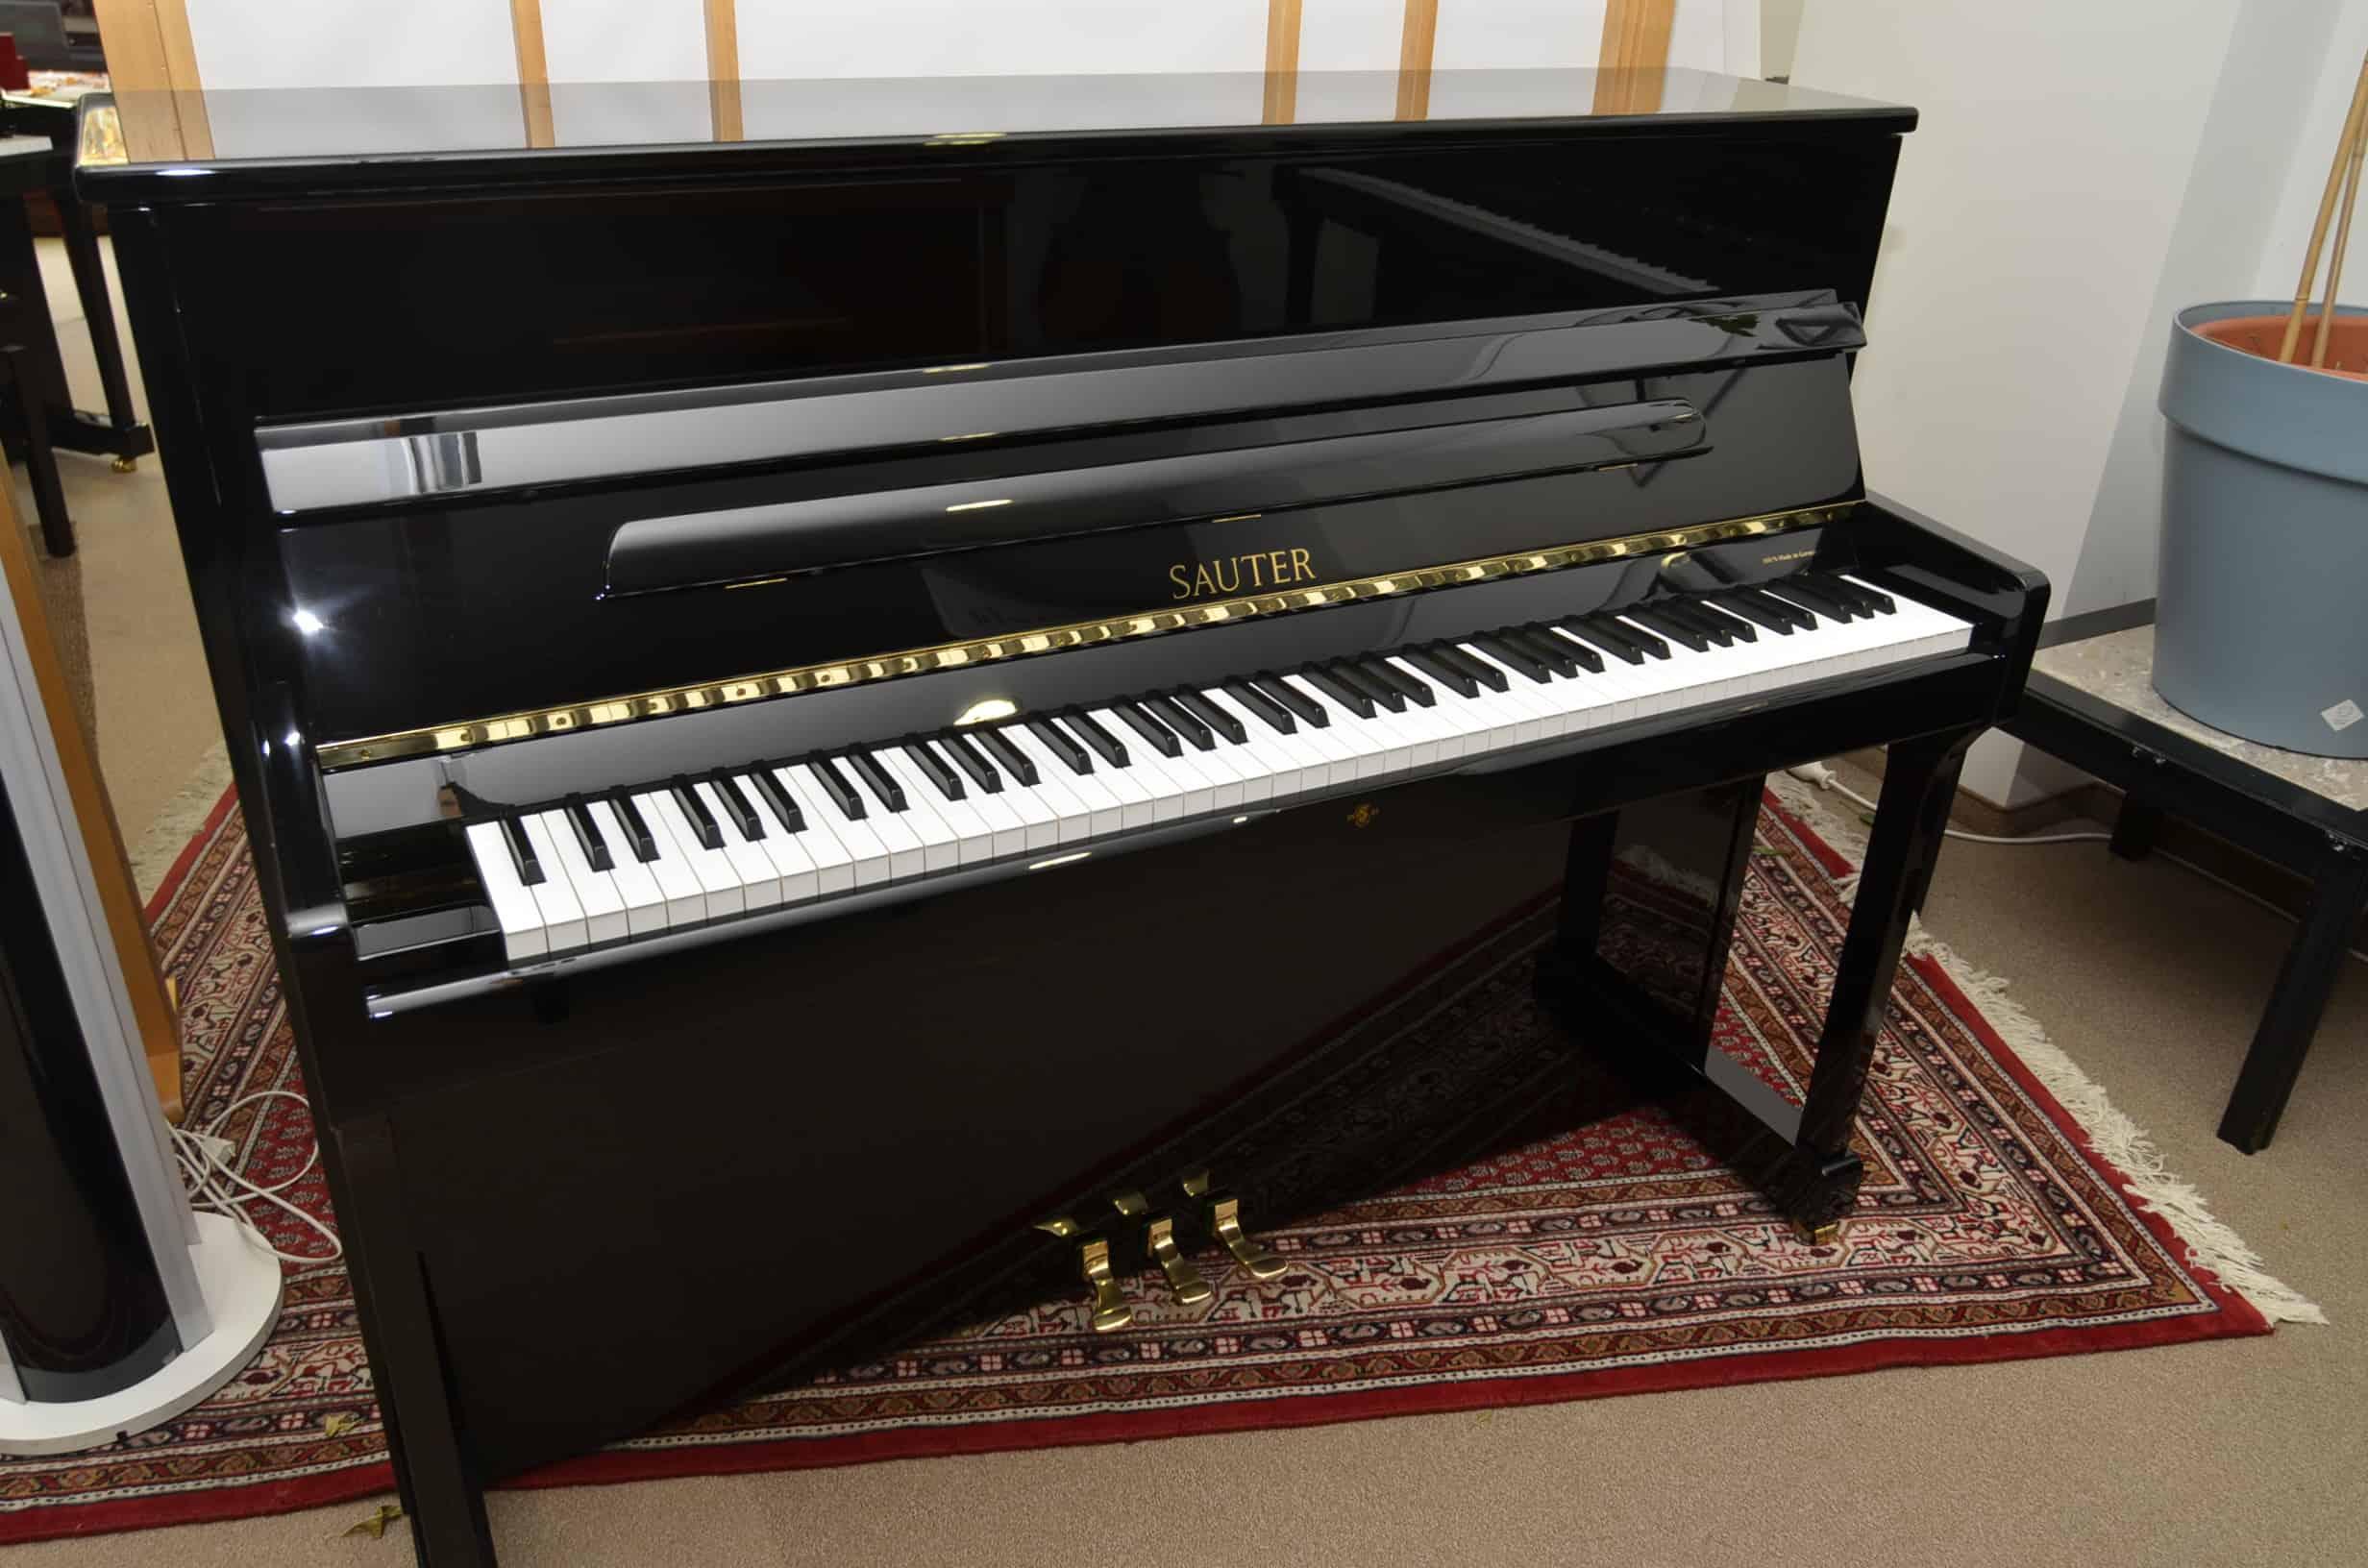 Sauter Klavier 114 Lemberg